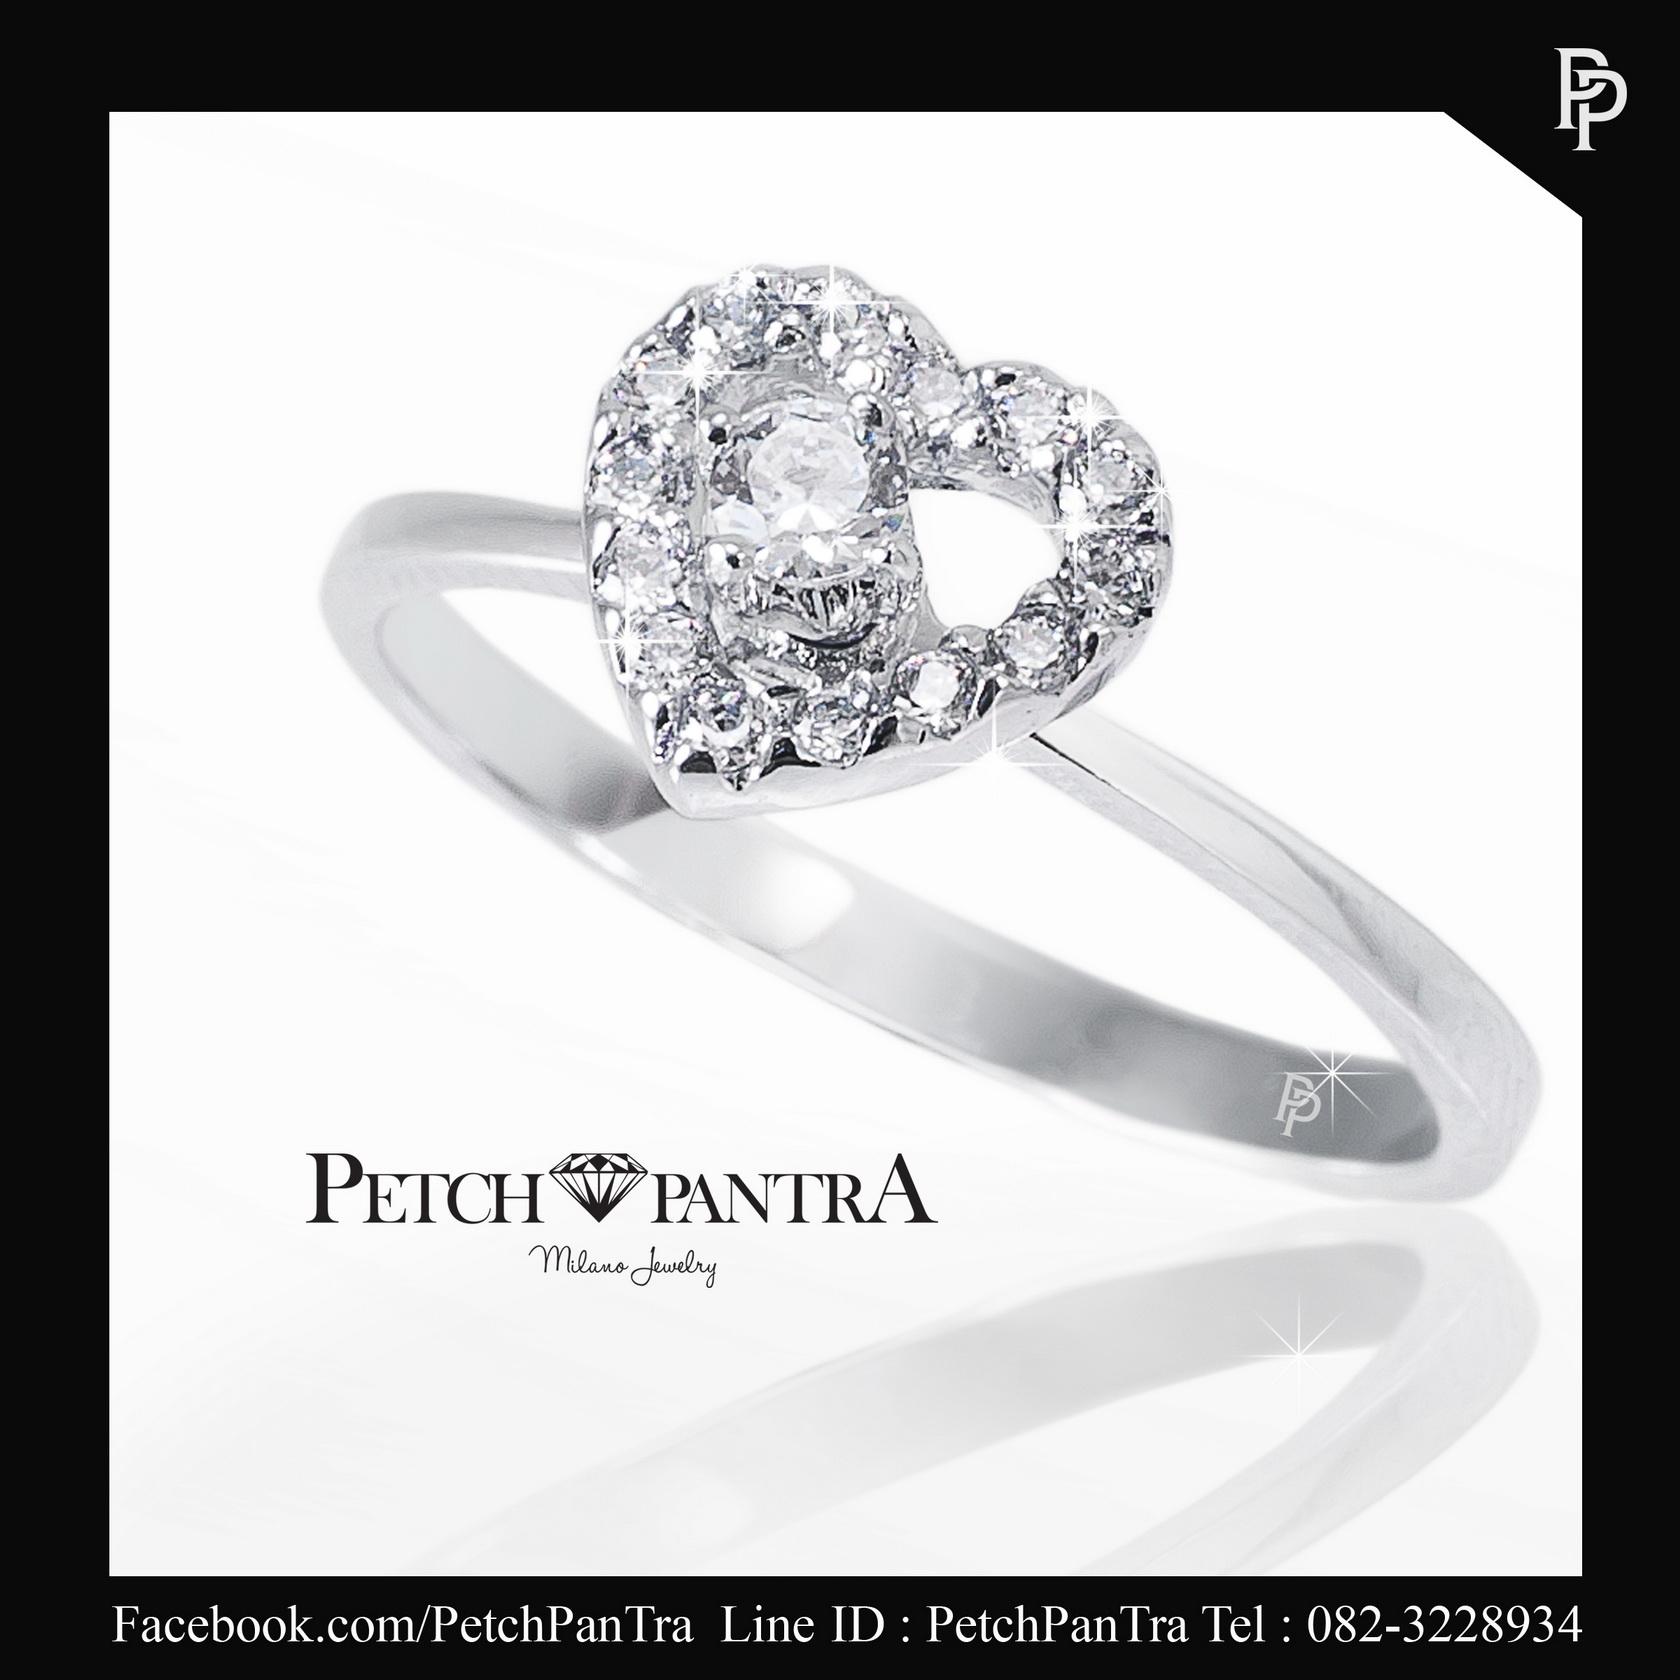 แหวนเพชรCZ แหวนเพชรรัสเซีย รูปหัวใจ